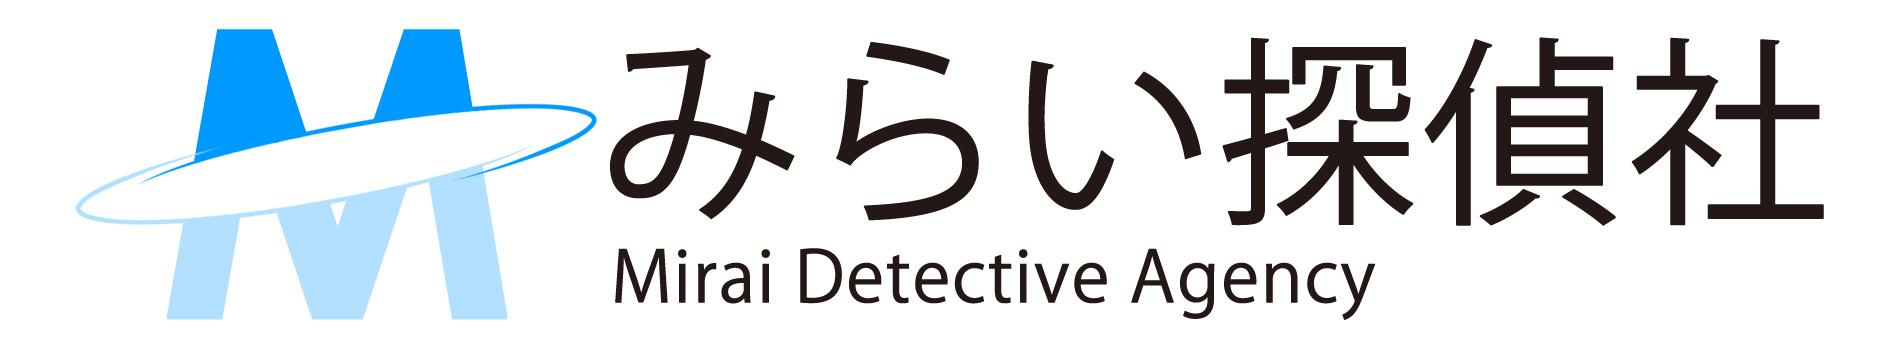 福岡の浮気調査・素行調査|みらい探偵社